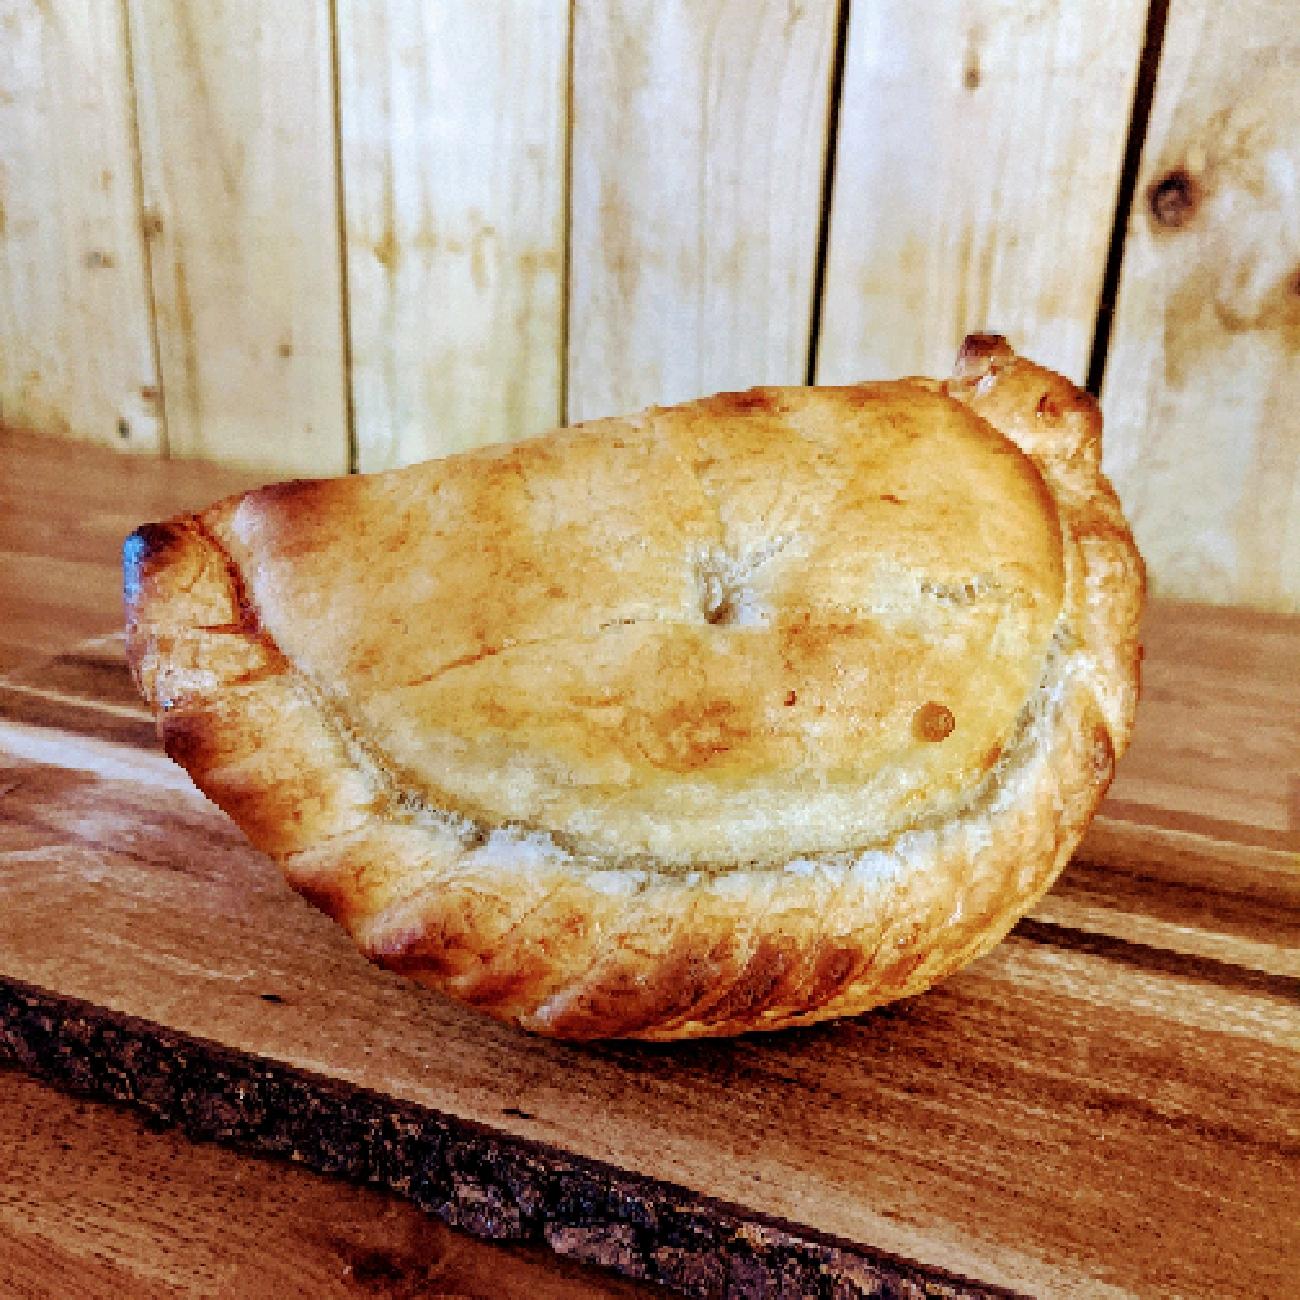 Giant Cornish Pasty